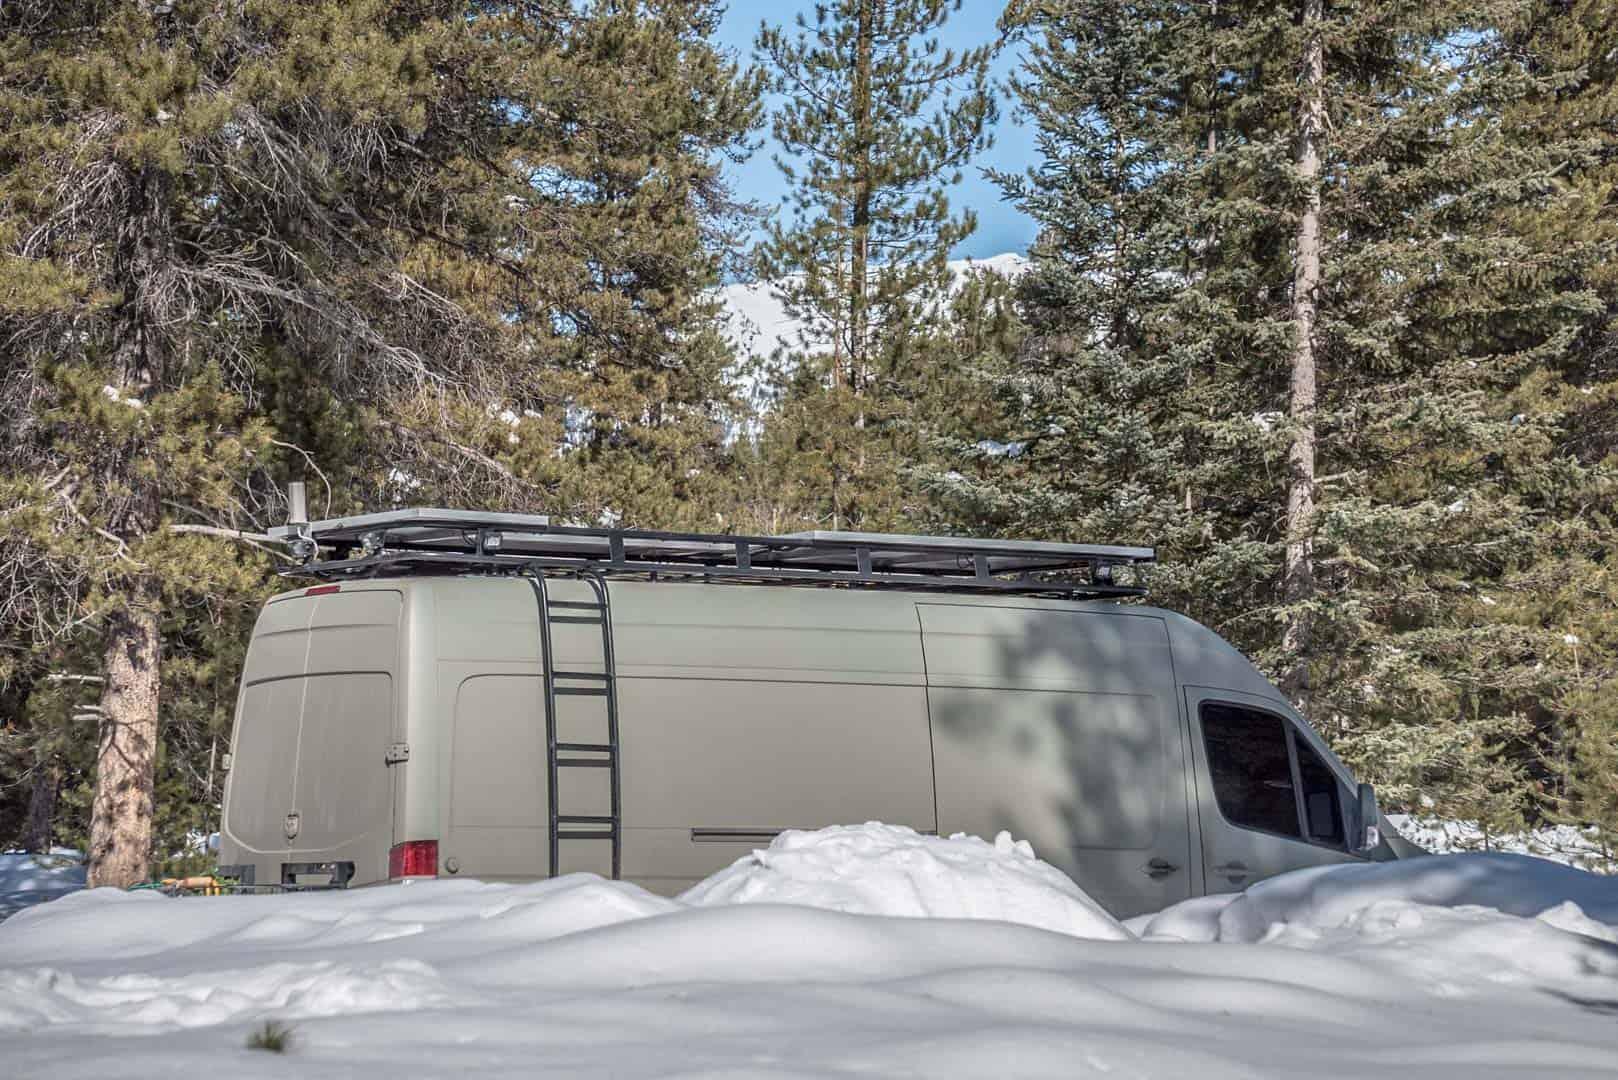 winter vanlife more than skiing powder banff-2